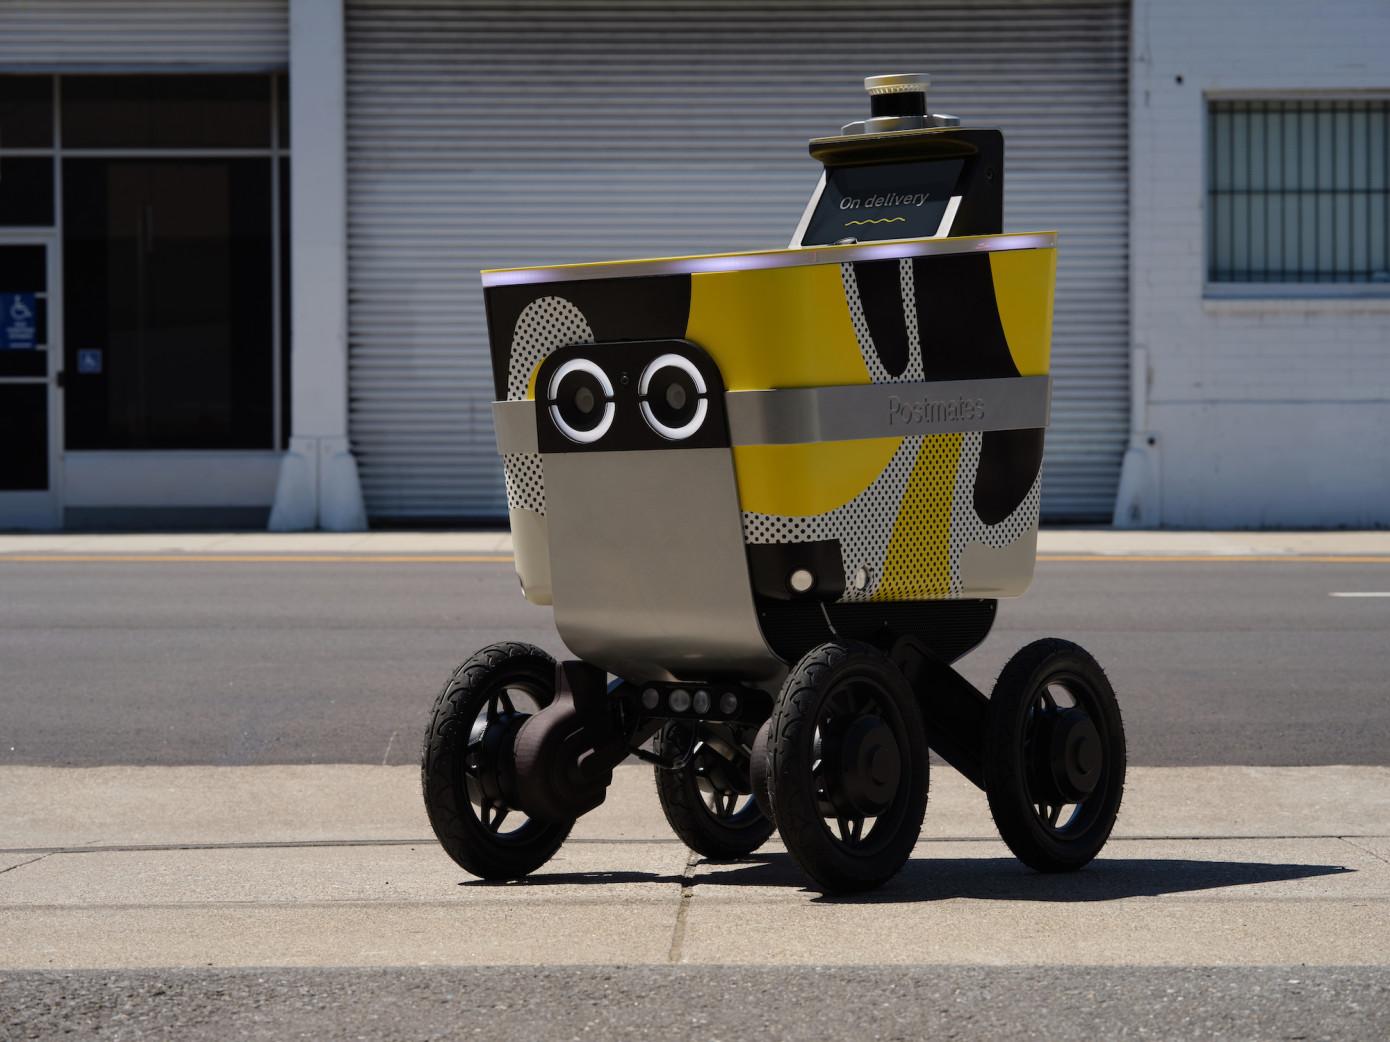 在Ouster的激光雷达中Postmates的自动驾驶交付车将会看到